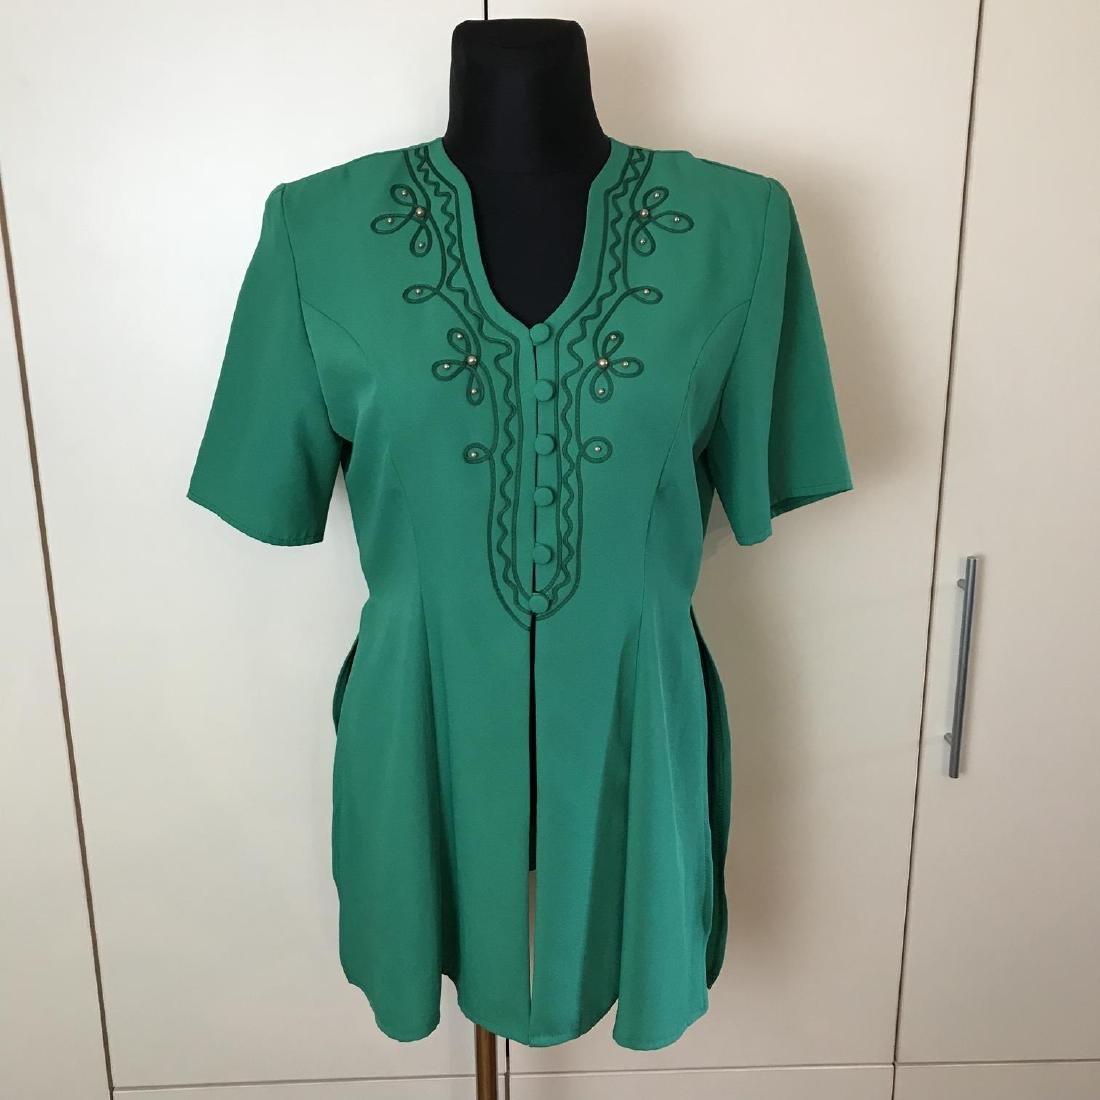 Vintage Women's Blouse Shirt Jacket Size US 12 UK 16